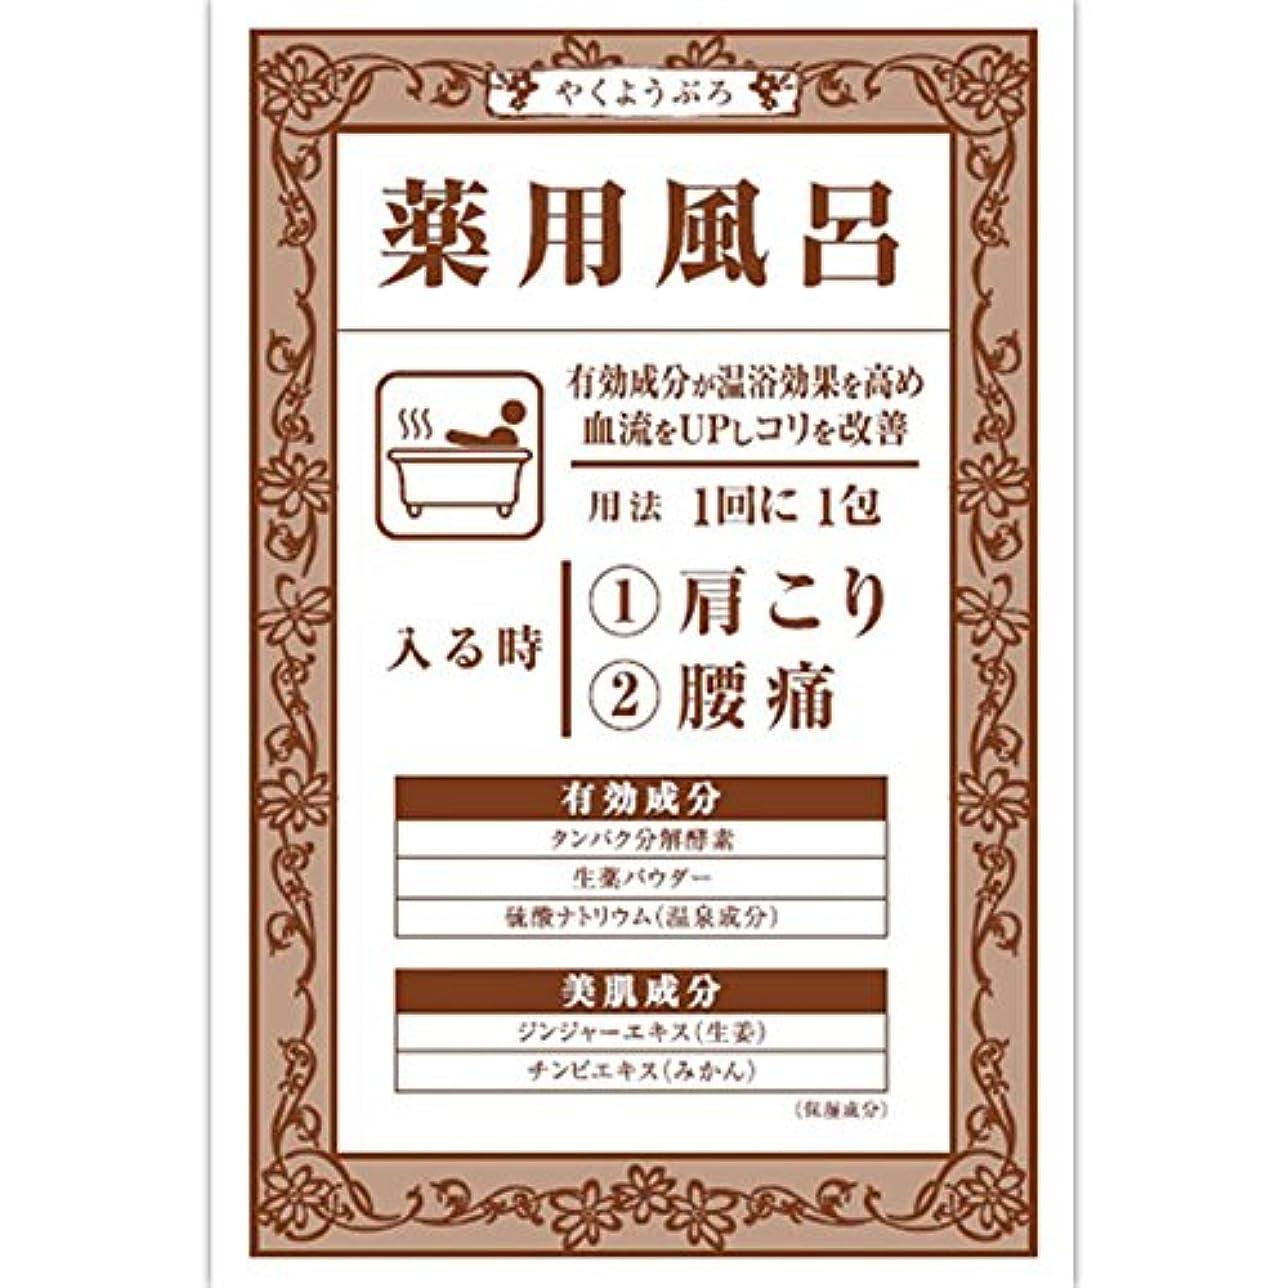 り休日設計大山 薬用風呂KKa(肩こり?腰痛) 40G(医薬部外品)